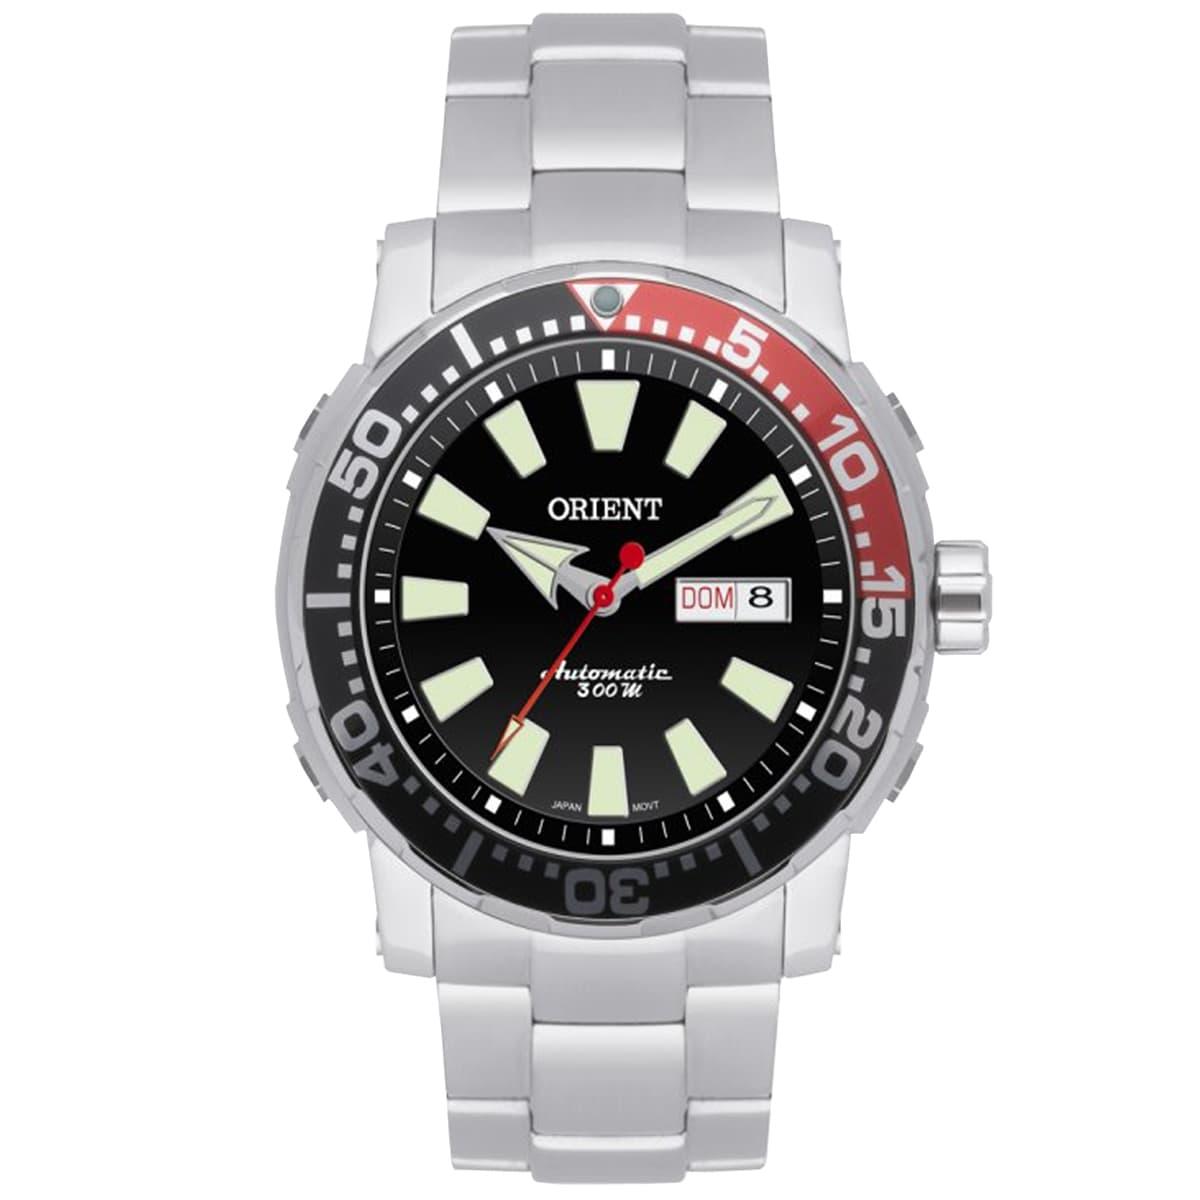 99592d6c54d Relógio Automático - Orient - Feira dos Importados de Brasília - Sia ...